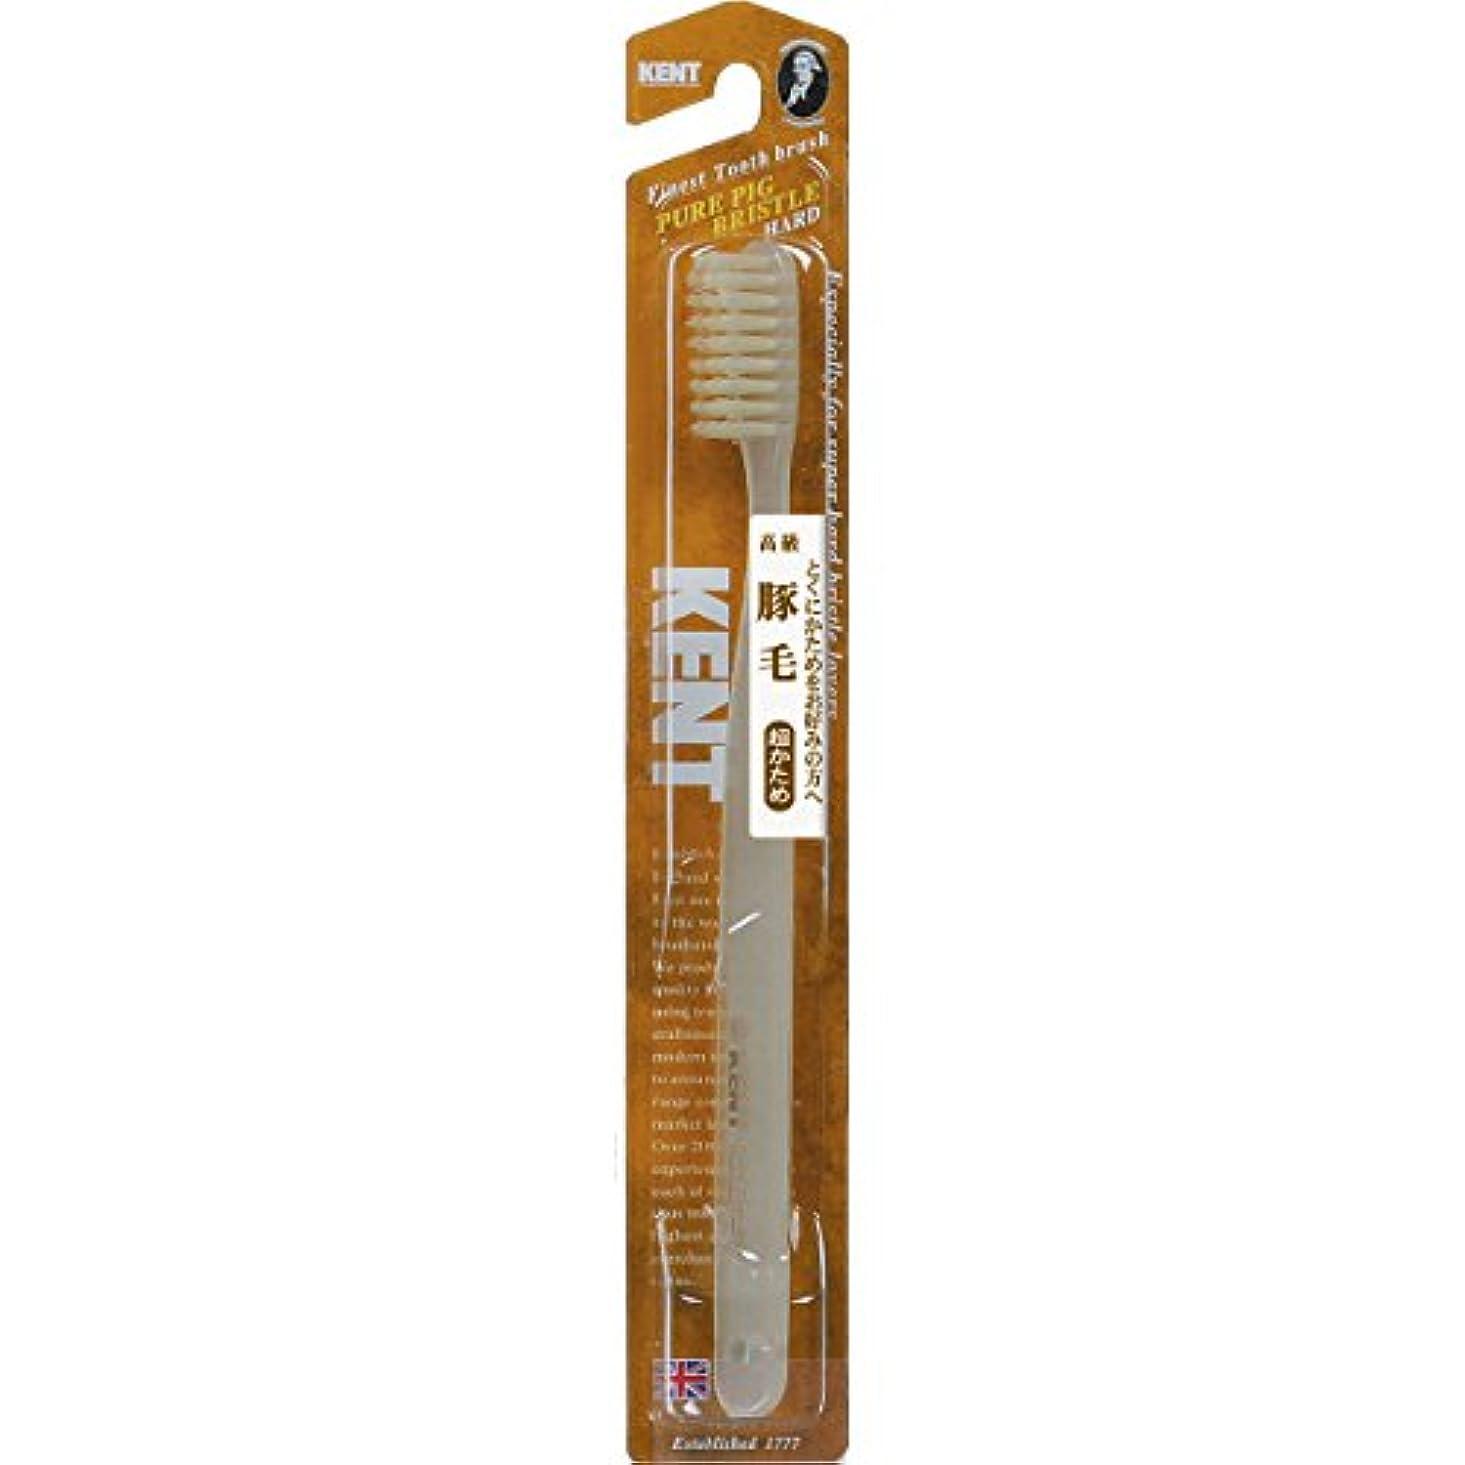 ストローク味付け加入KENT 豚毛歯ブラシ ラージヘッド 超かため KNT-2433 ×6個セット